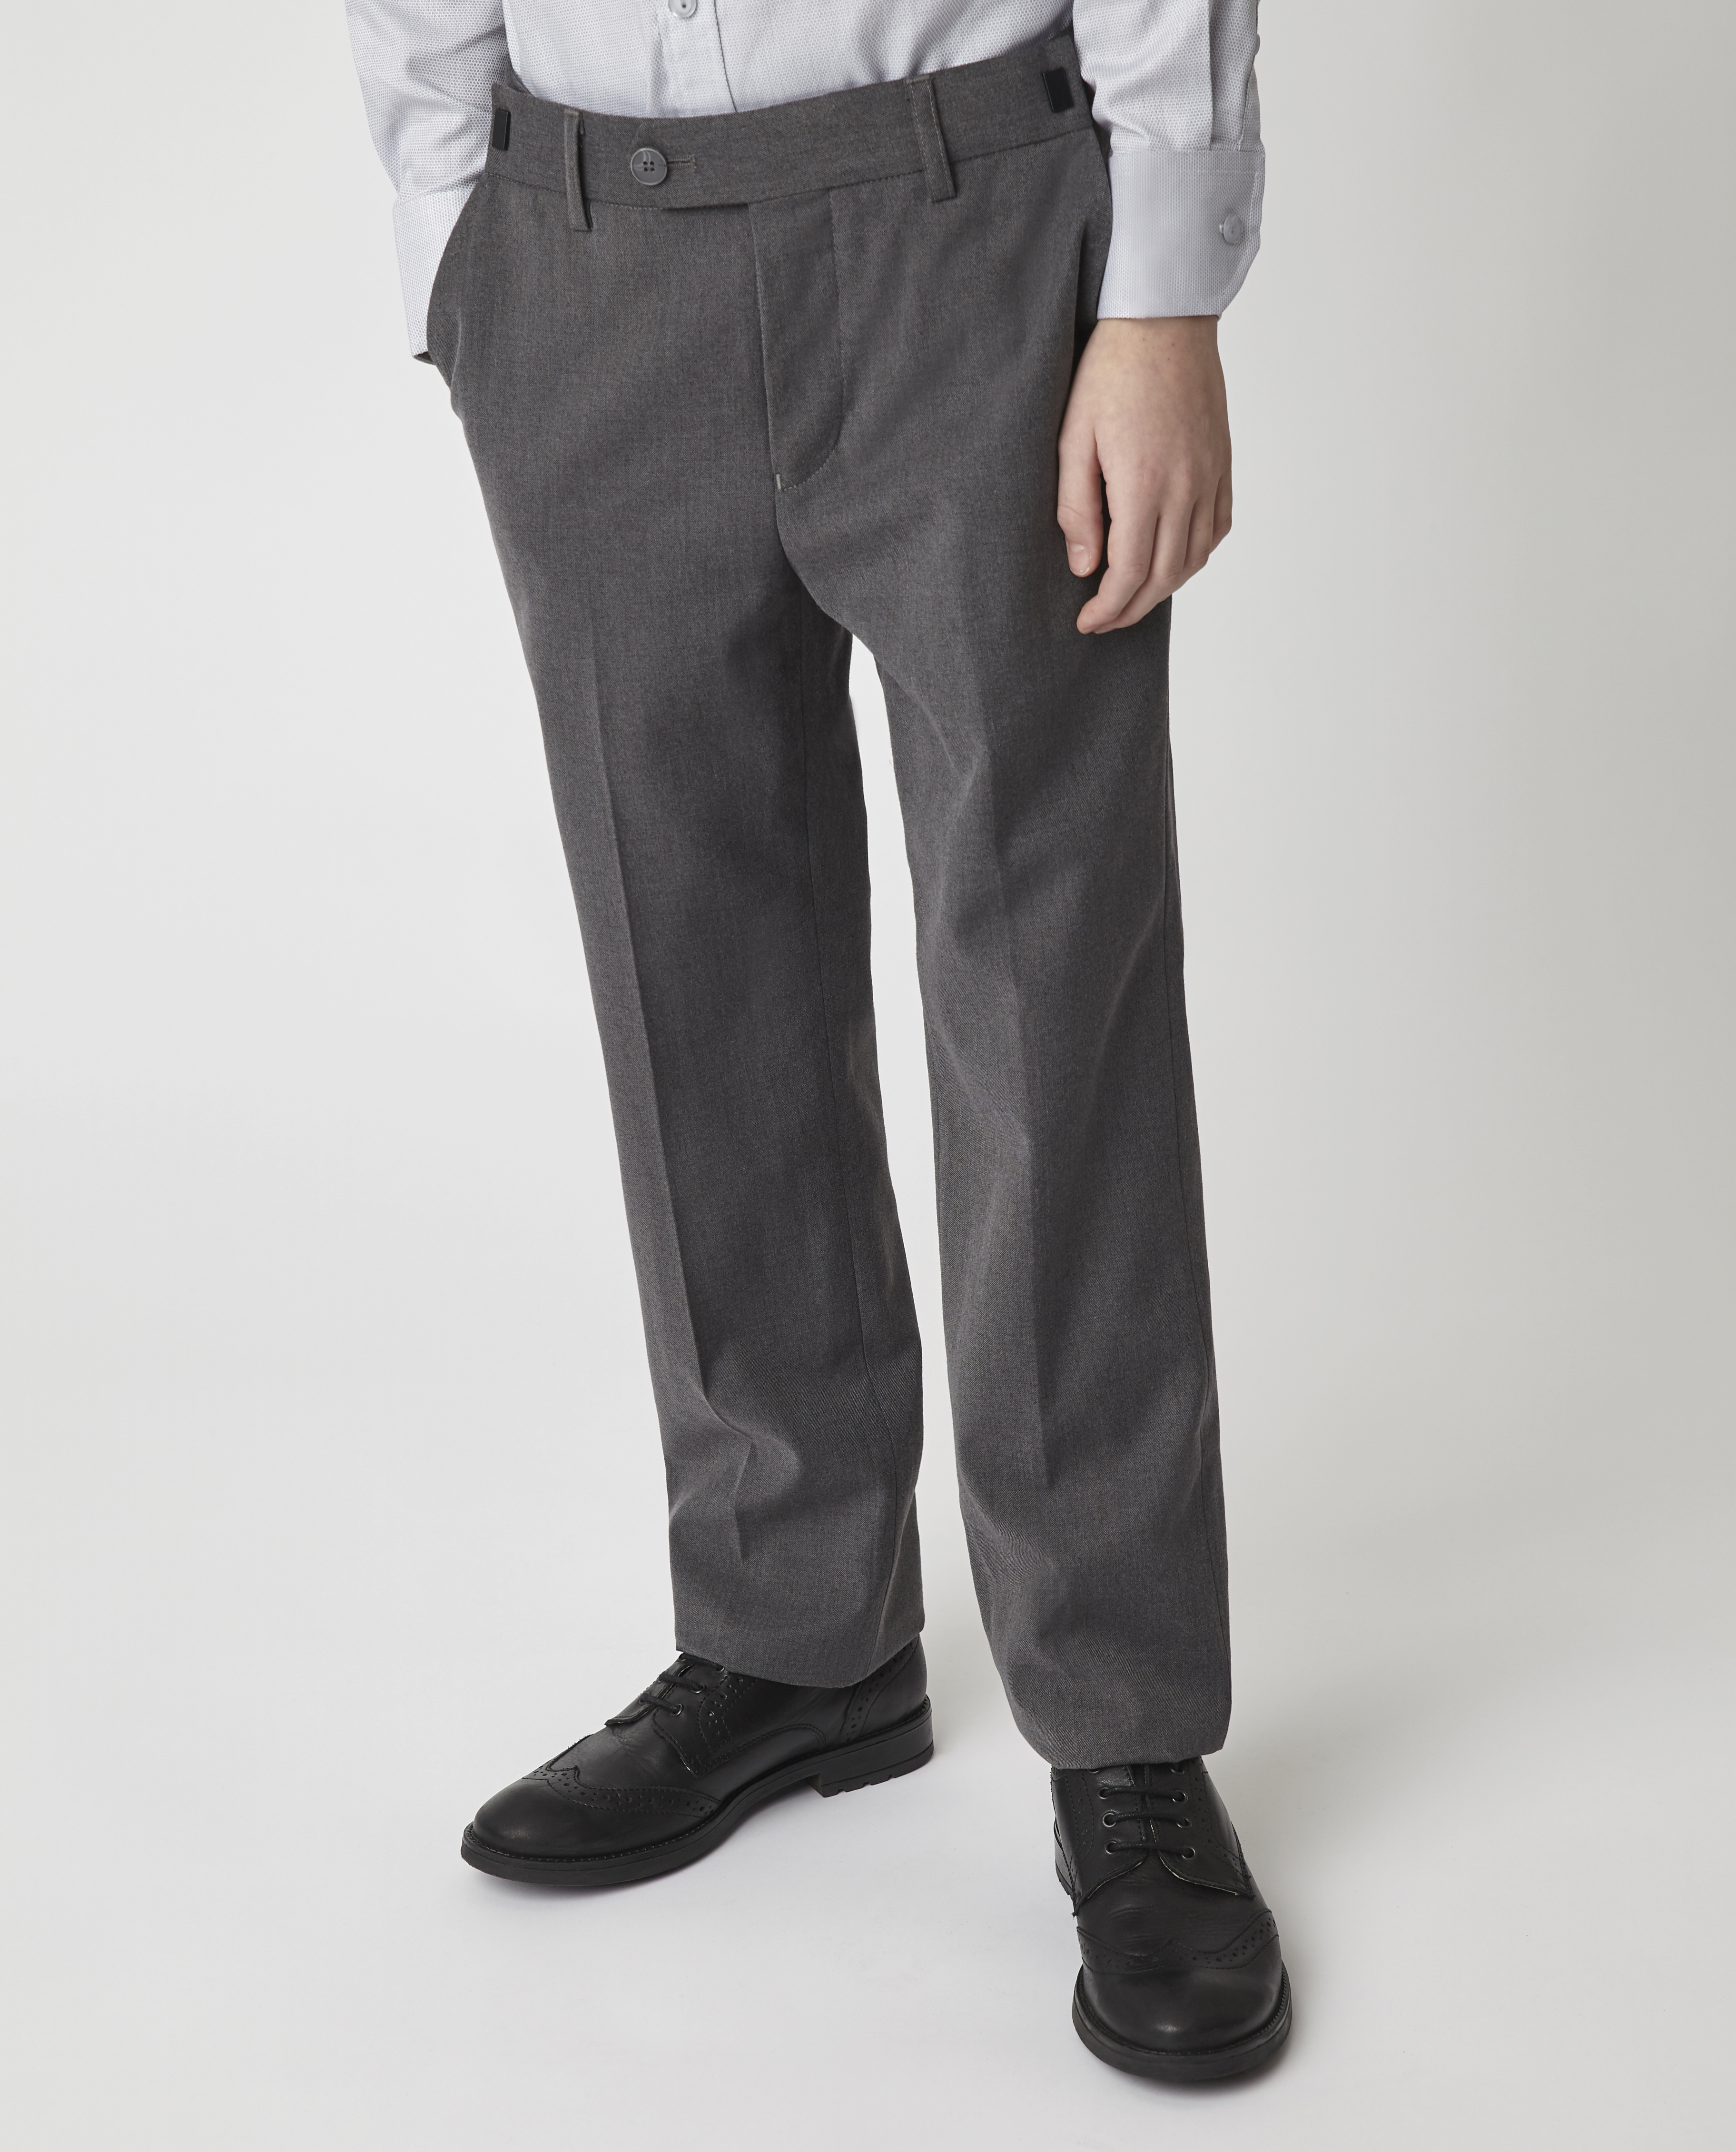 Купить 220GSBC6303, Серые брюки Gulliver, серый, 170, Мужской, Демисезон, ШКОЛЬНАЯ ФОРМА 2020-2021 (shop: GulliverMarket Gulliver Market)